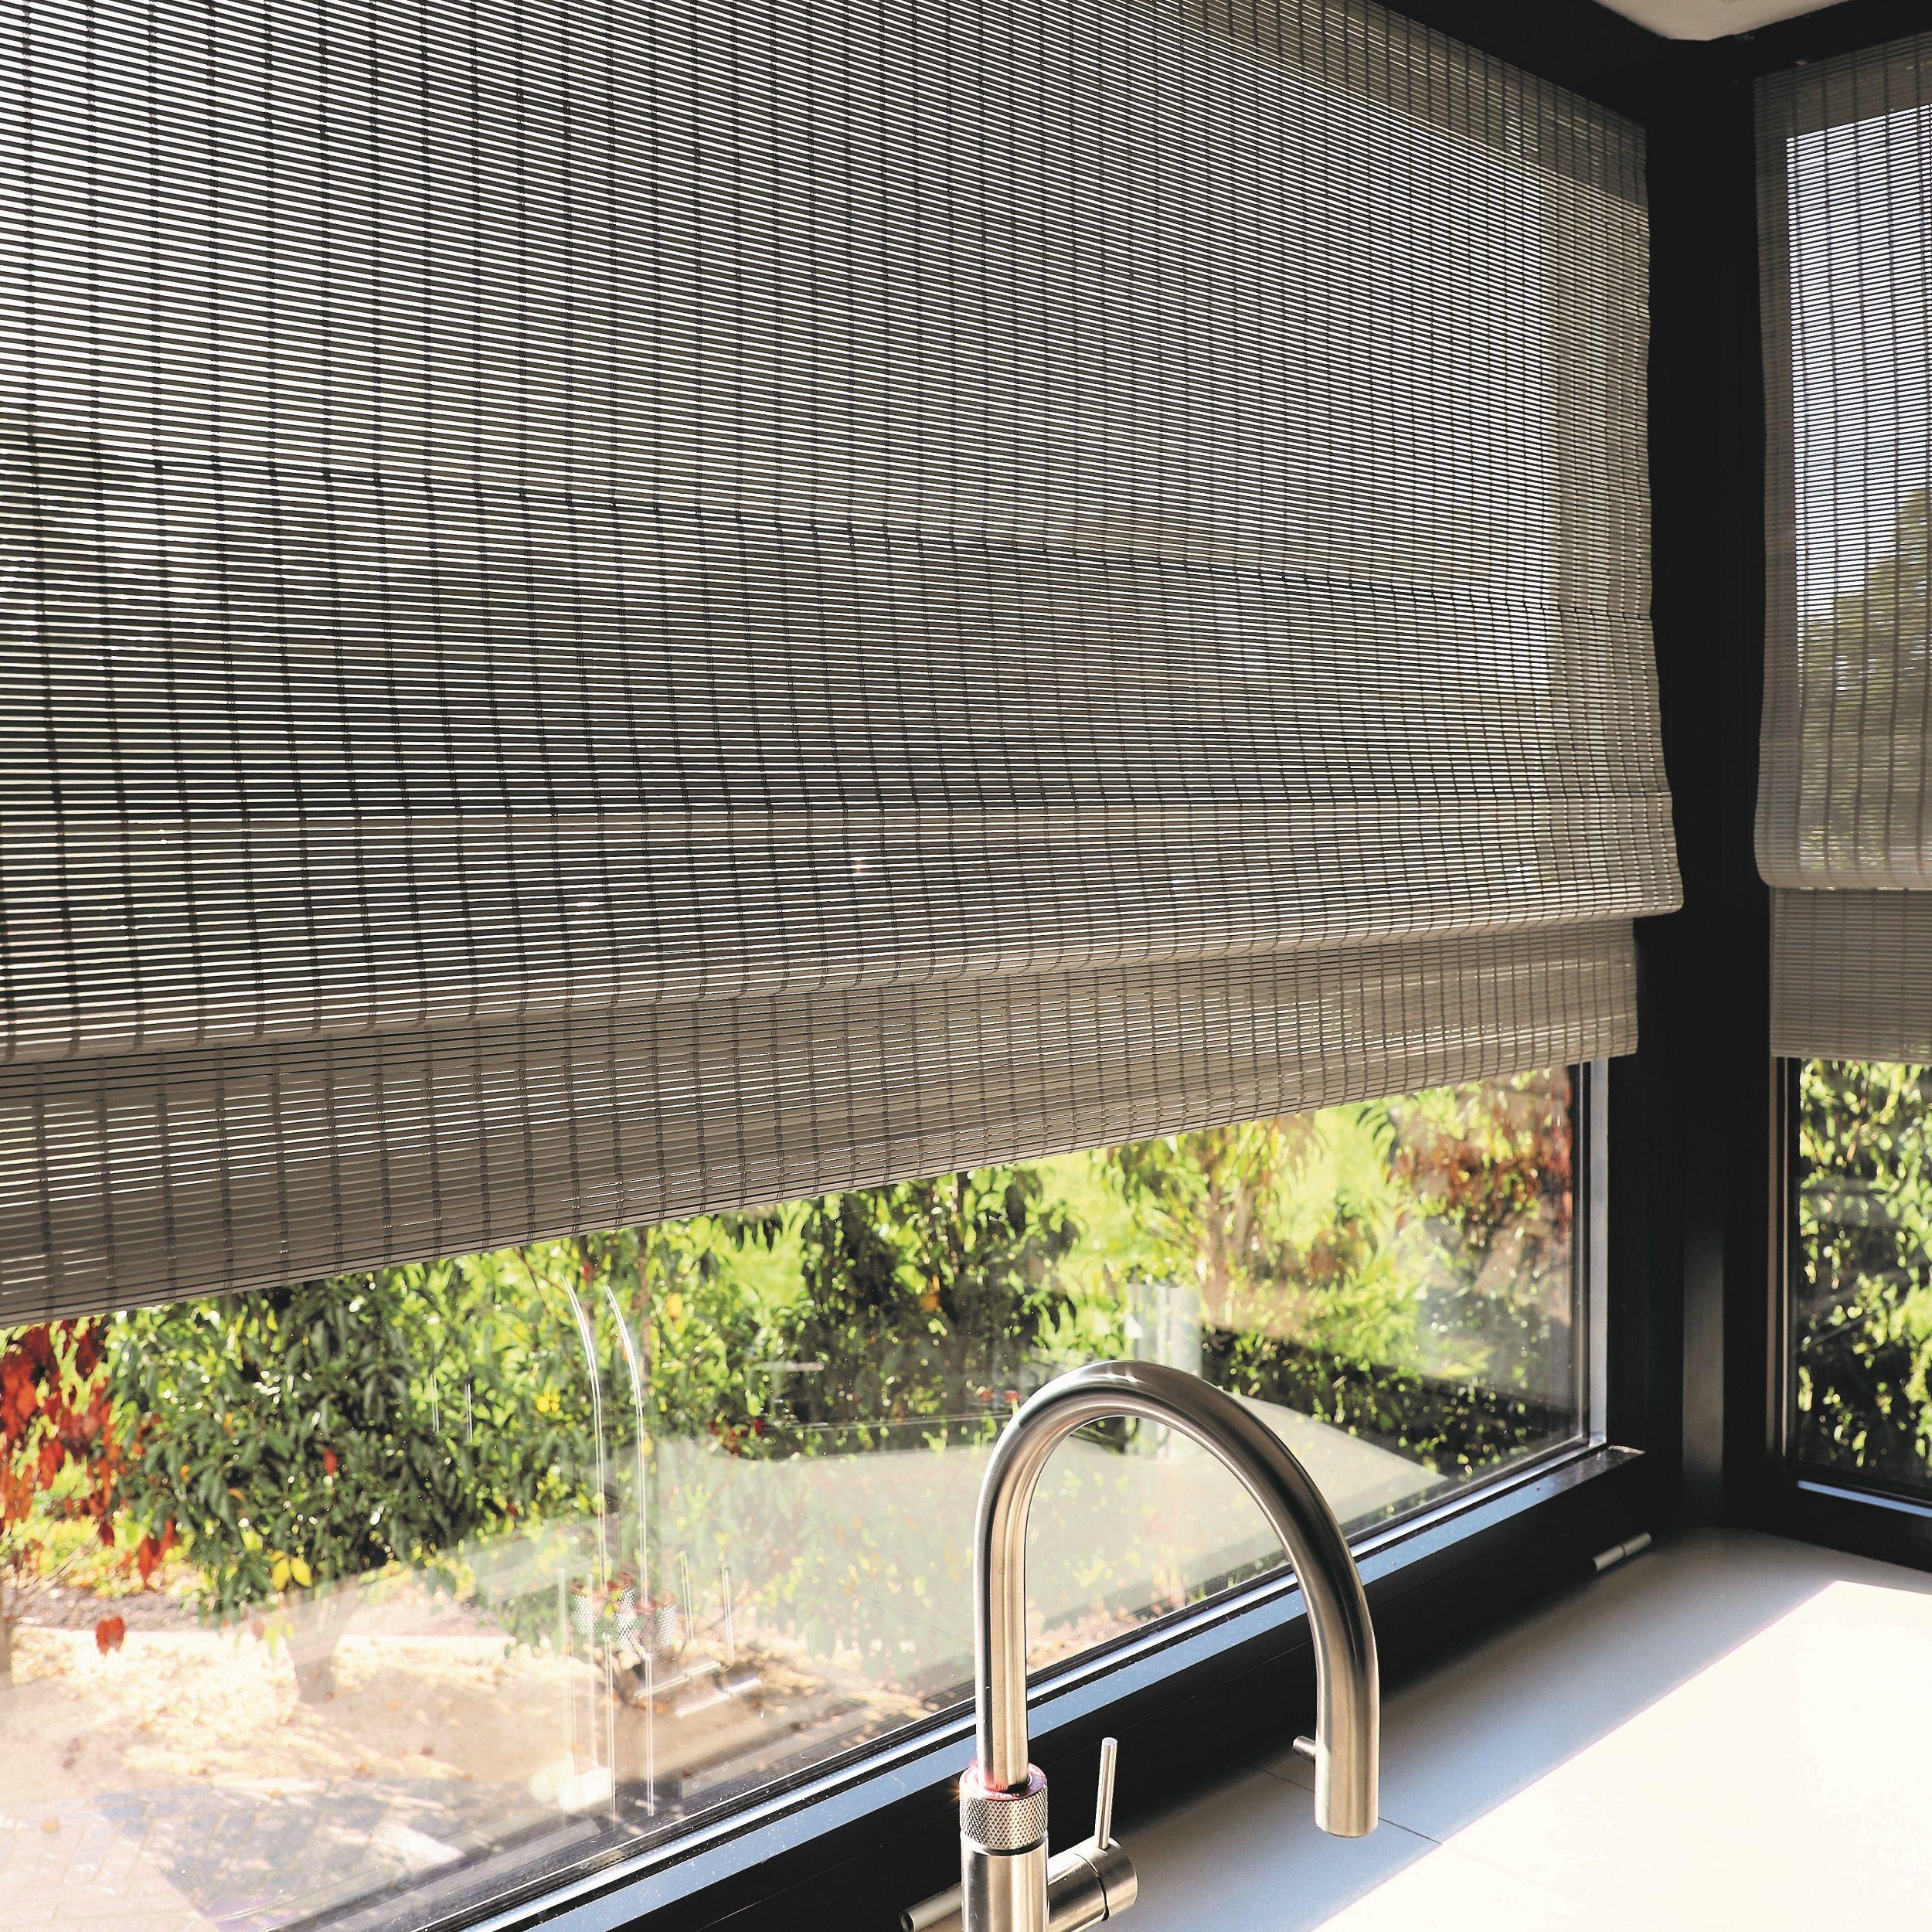 Geweven Hout Vouwgordijn Variant Is Ook Leverbaar Met Elektrische Bediening Het Ideale Raamdecoratie Product Als Ge Raamdecoratie Bamboe Vouwgordijnen Thuis